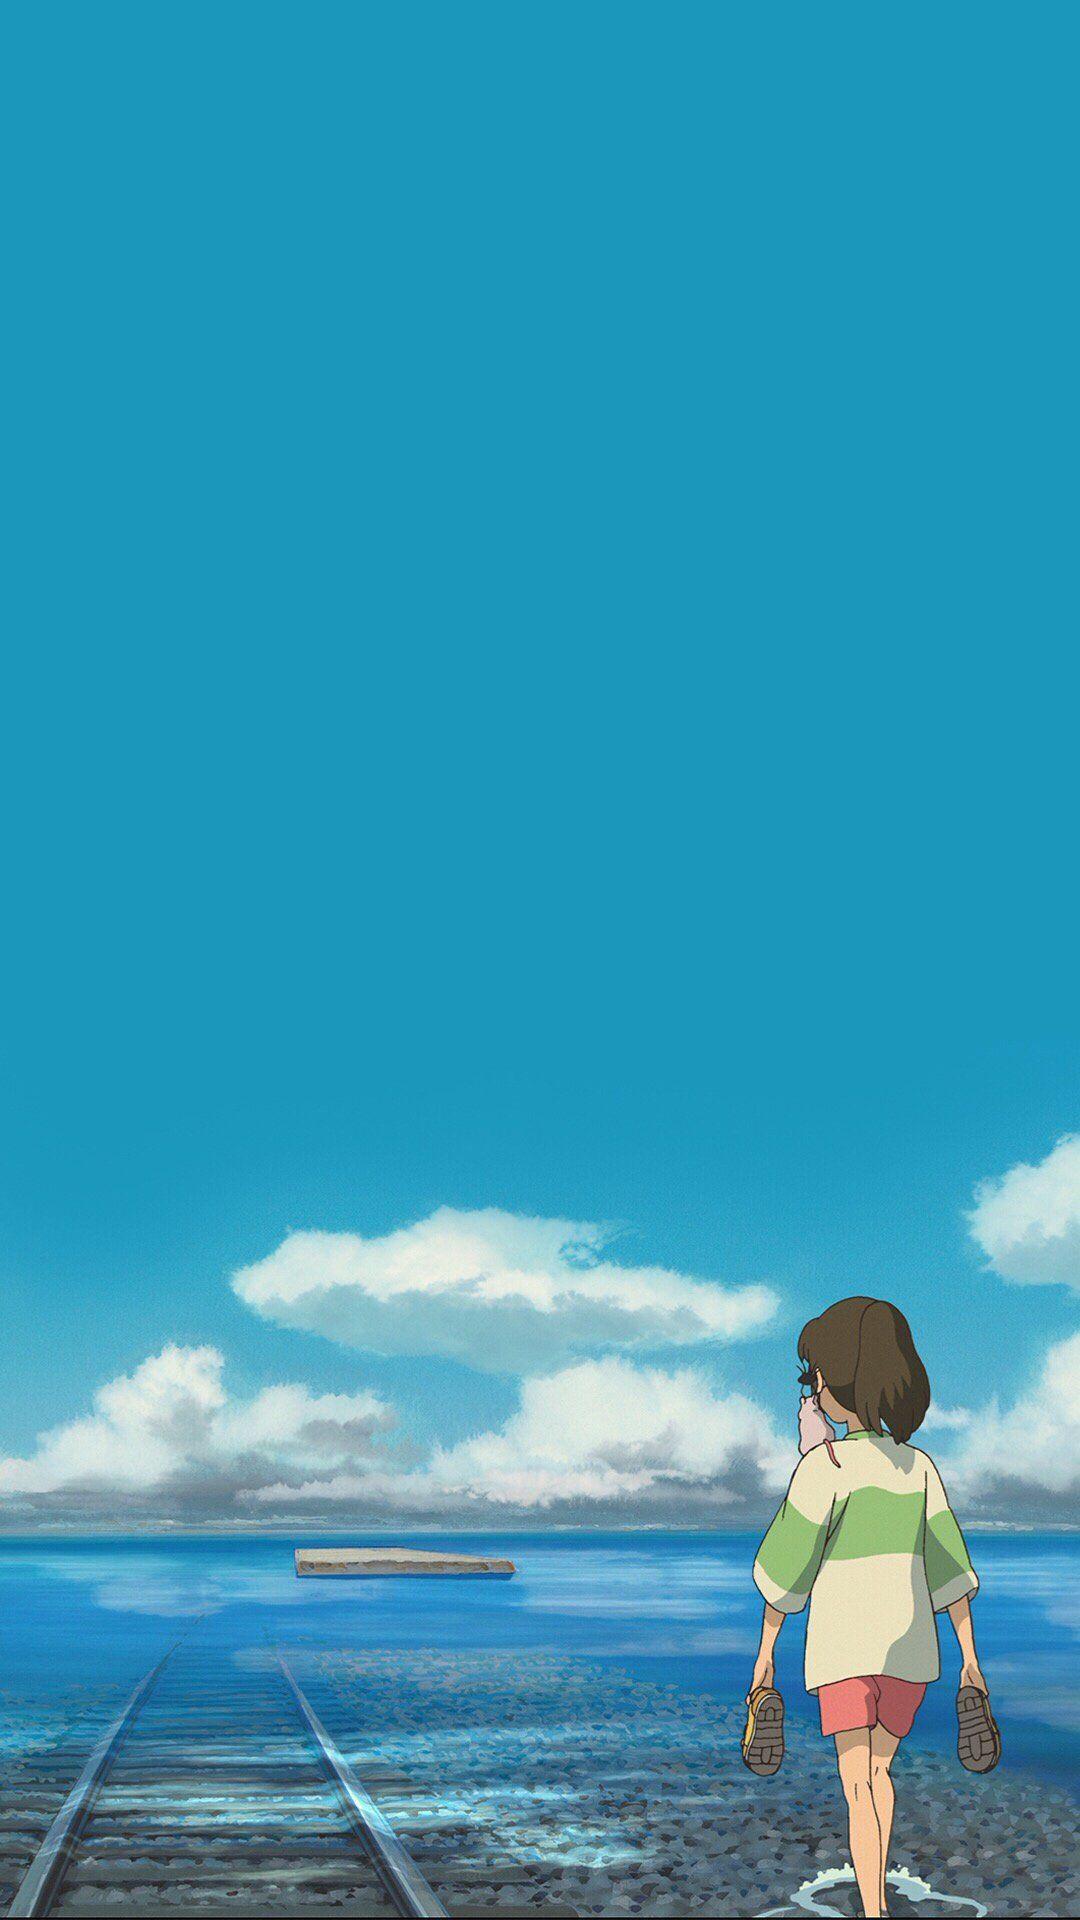 Anime Wallpaper Studio Ghibli Background Studio Ghibli Spirited Away Ghibli Artwork